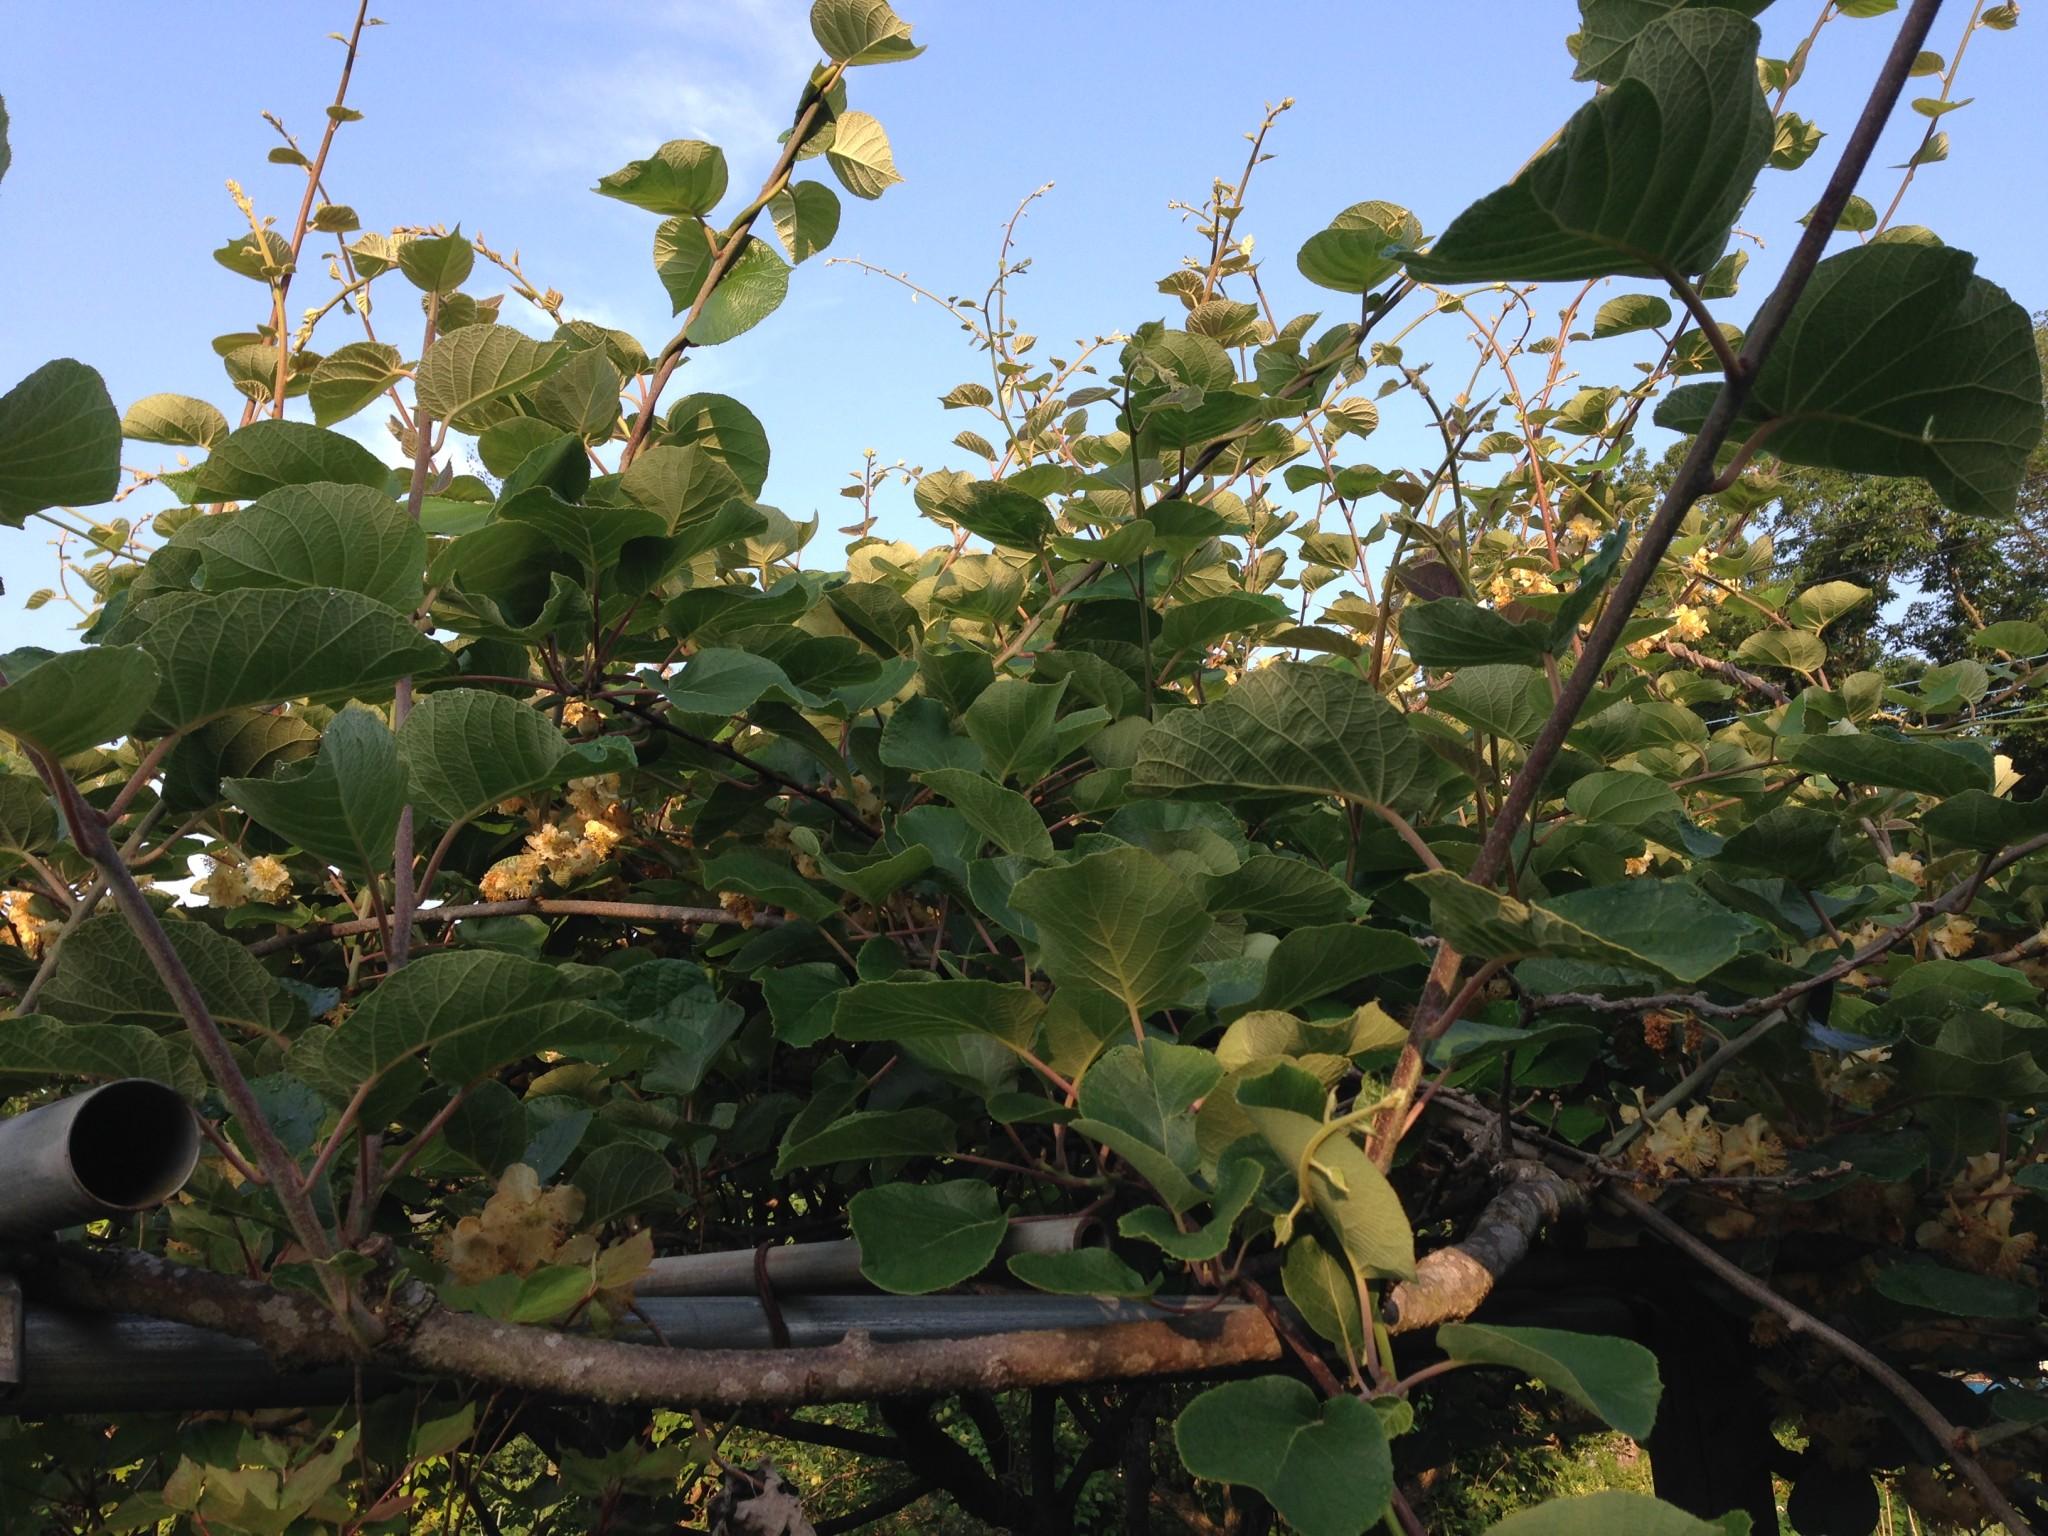 キウィフルーツの木(5月下旬)